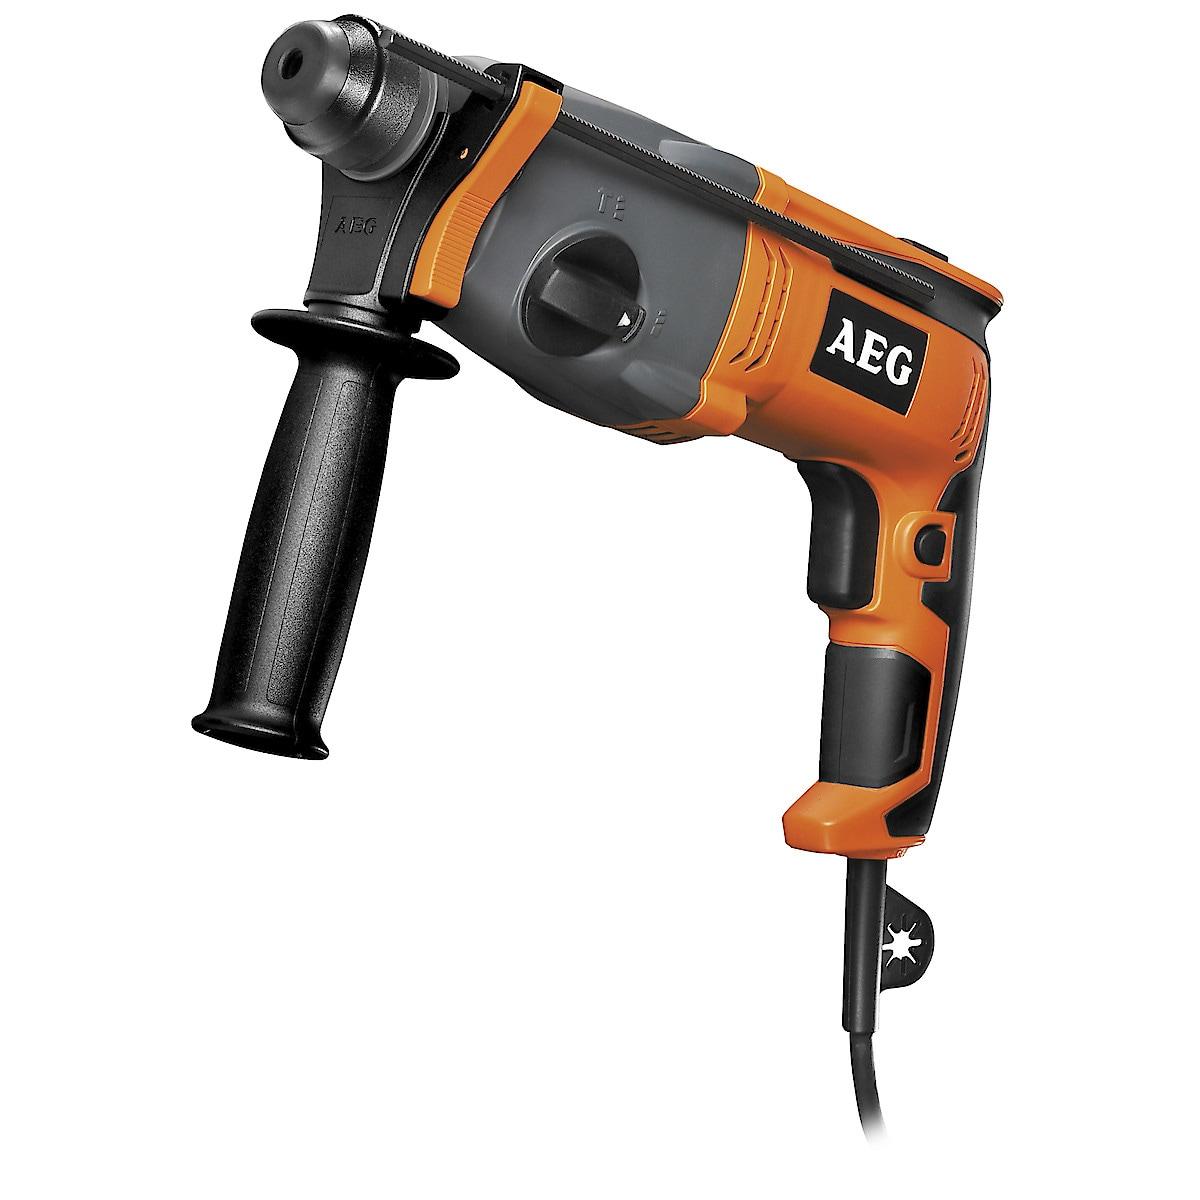 AEG BH 24 E borehammer